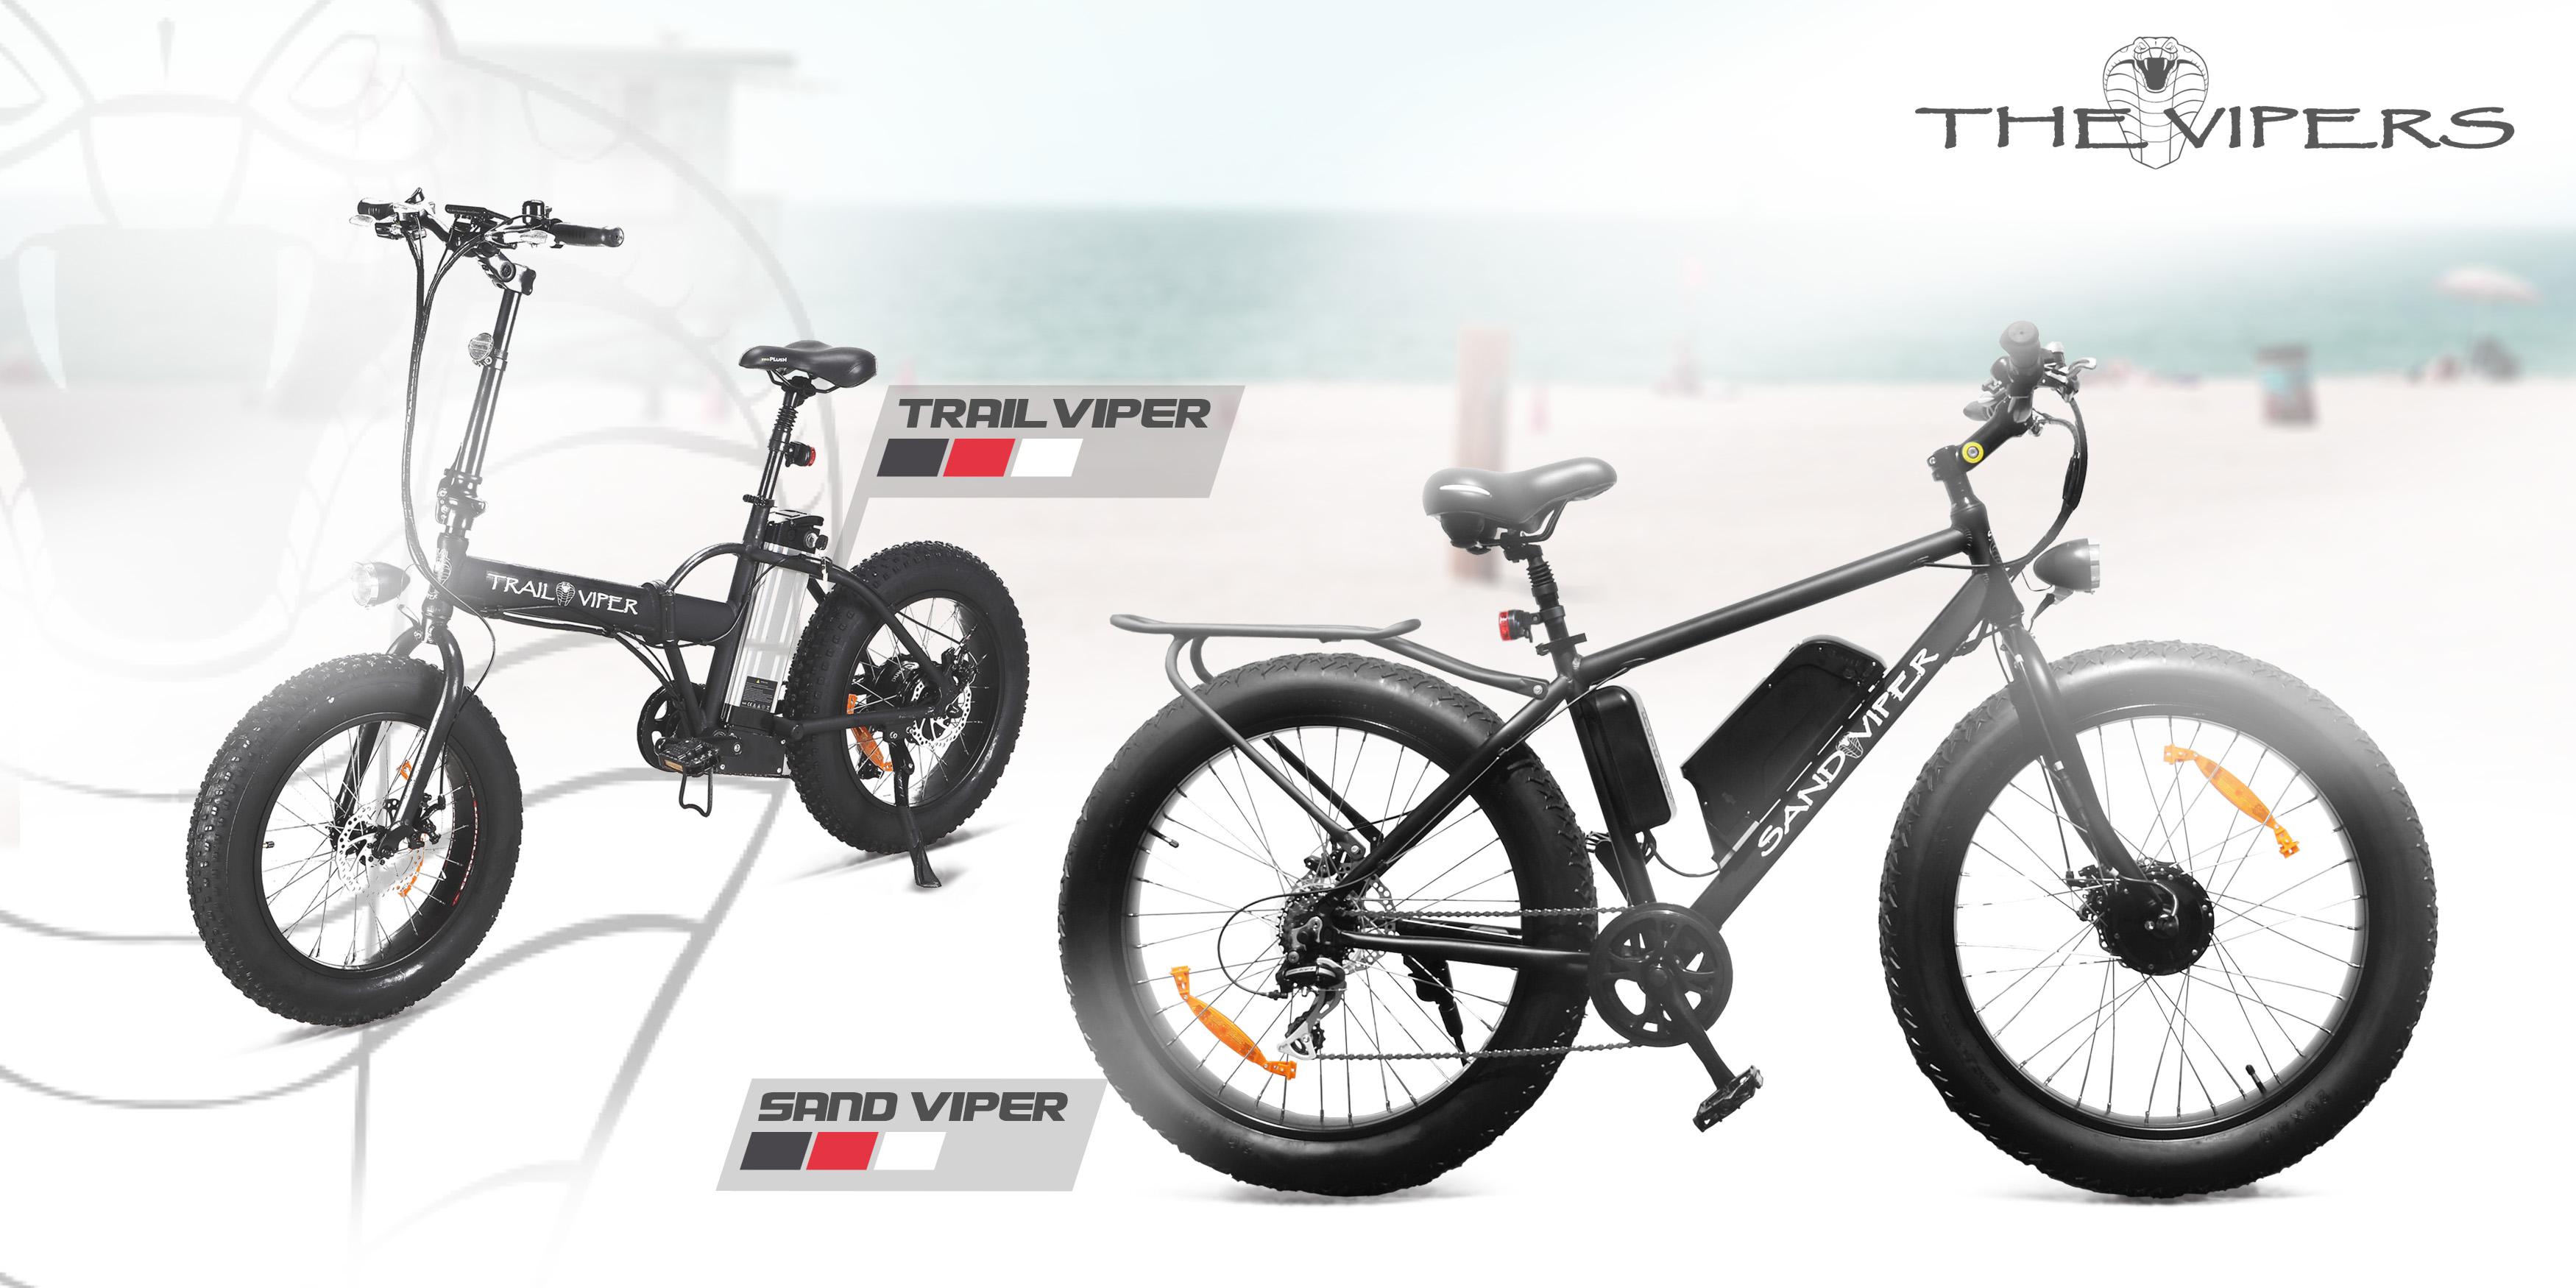 E-bikes - Sand Viper & Trail Viper